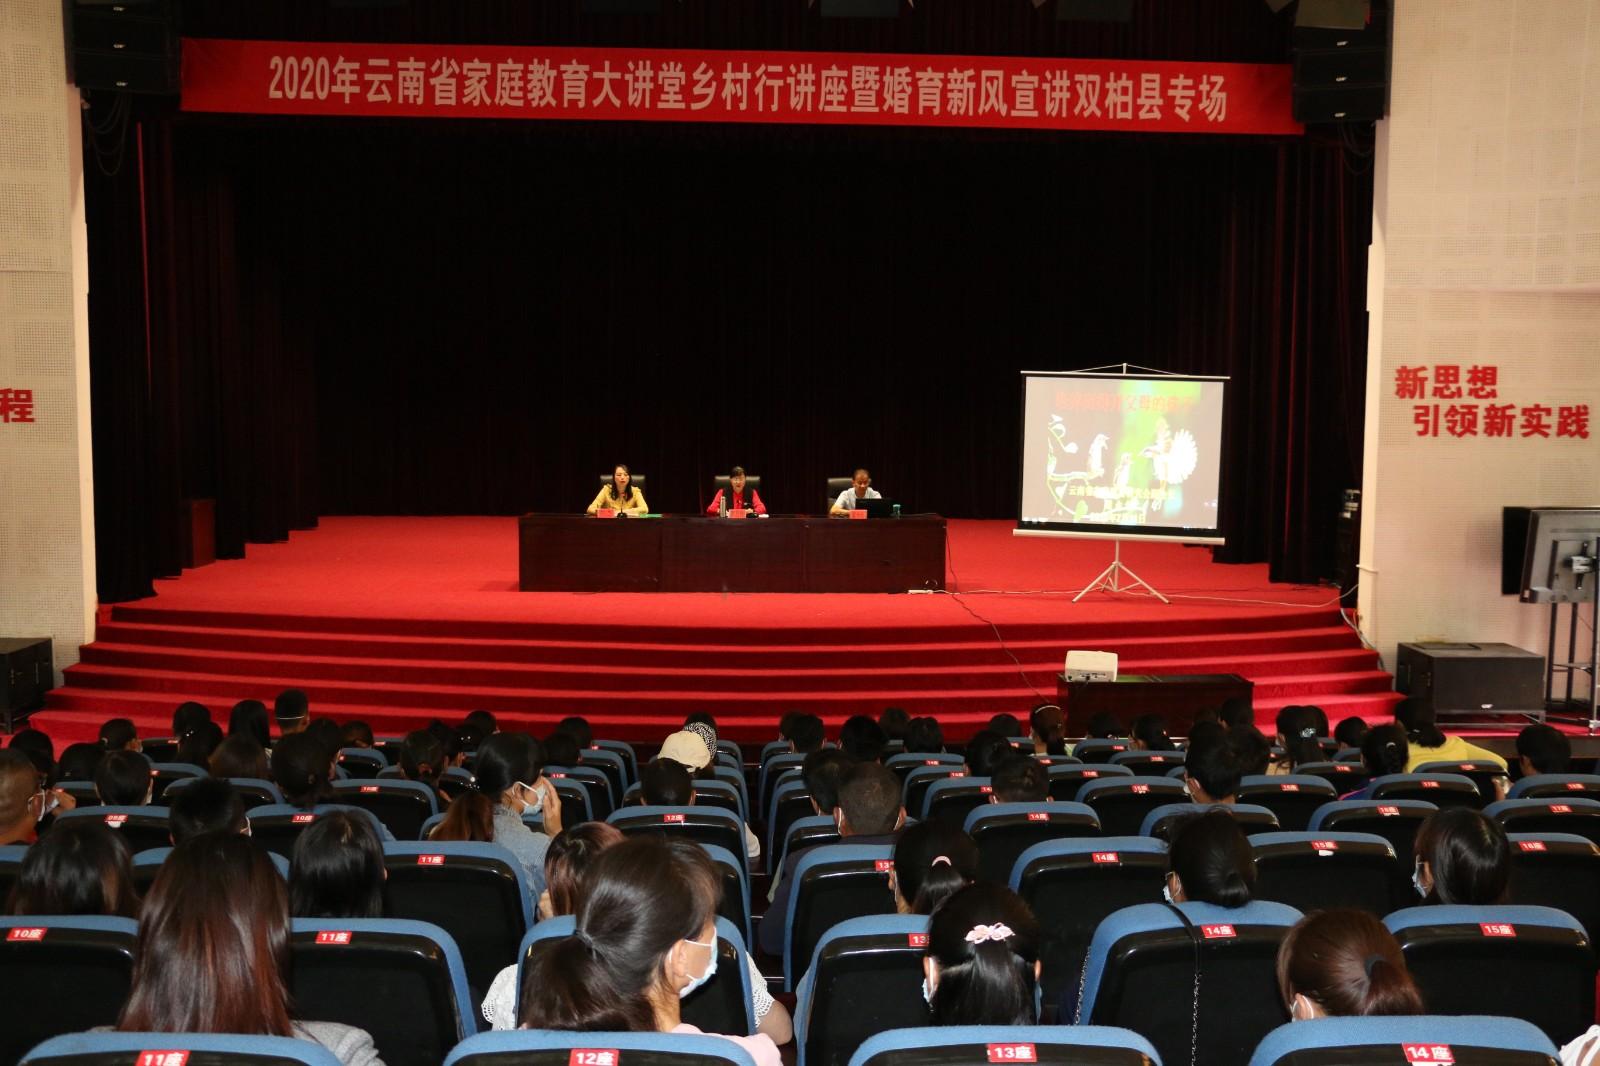 2020年云南省家庭教育大讲堂乡村行讲座暨 婚育新风宣讲双柏县三场培训圆满举办